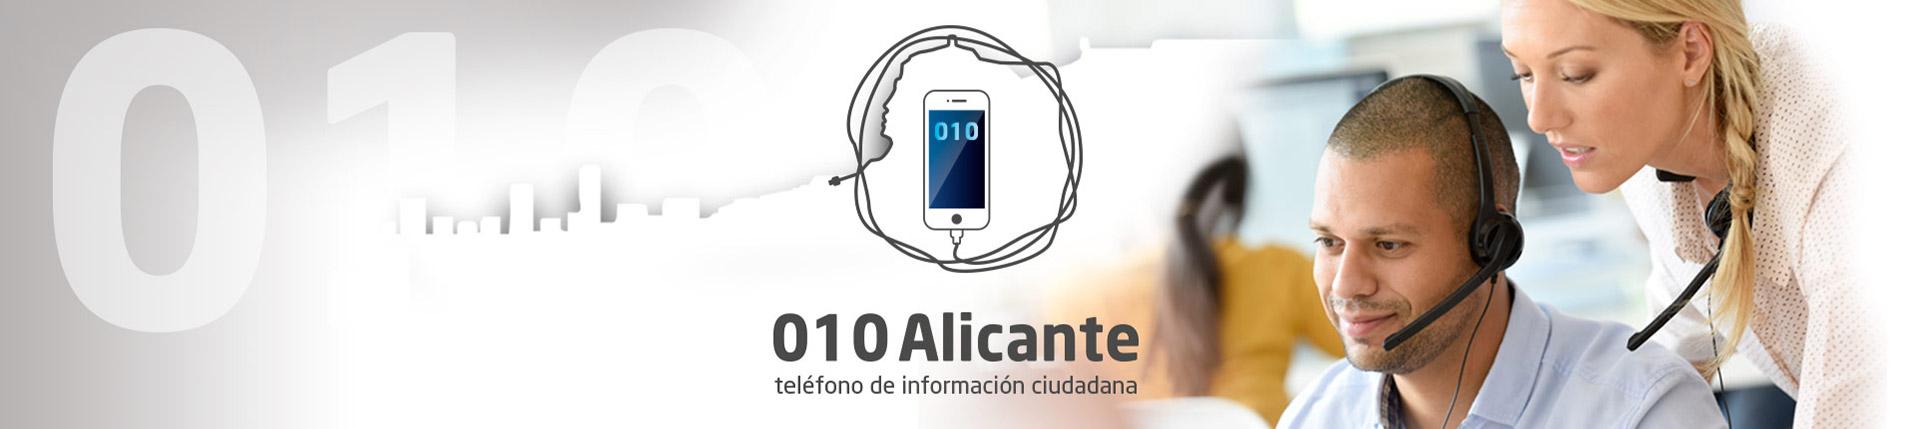 servicio de información mediante la marcación telefónica 010